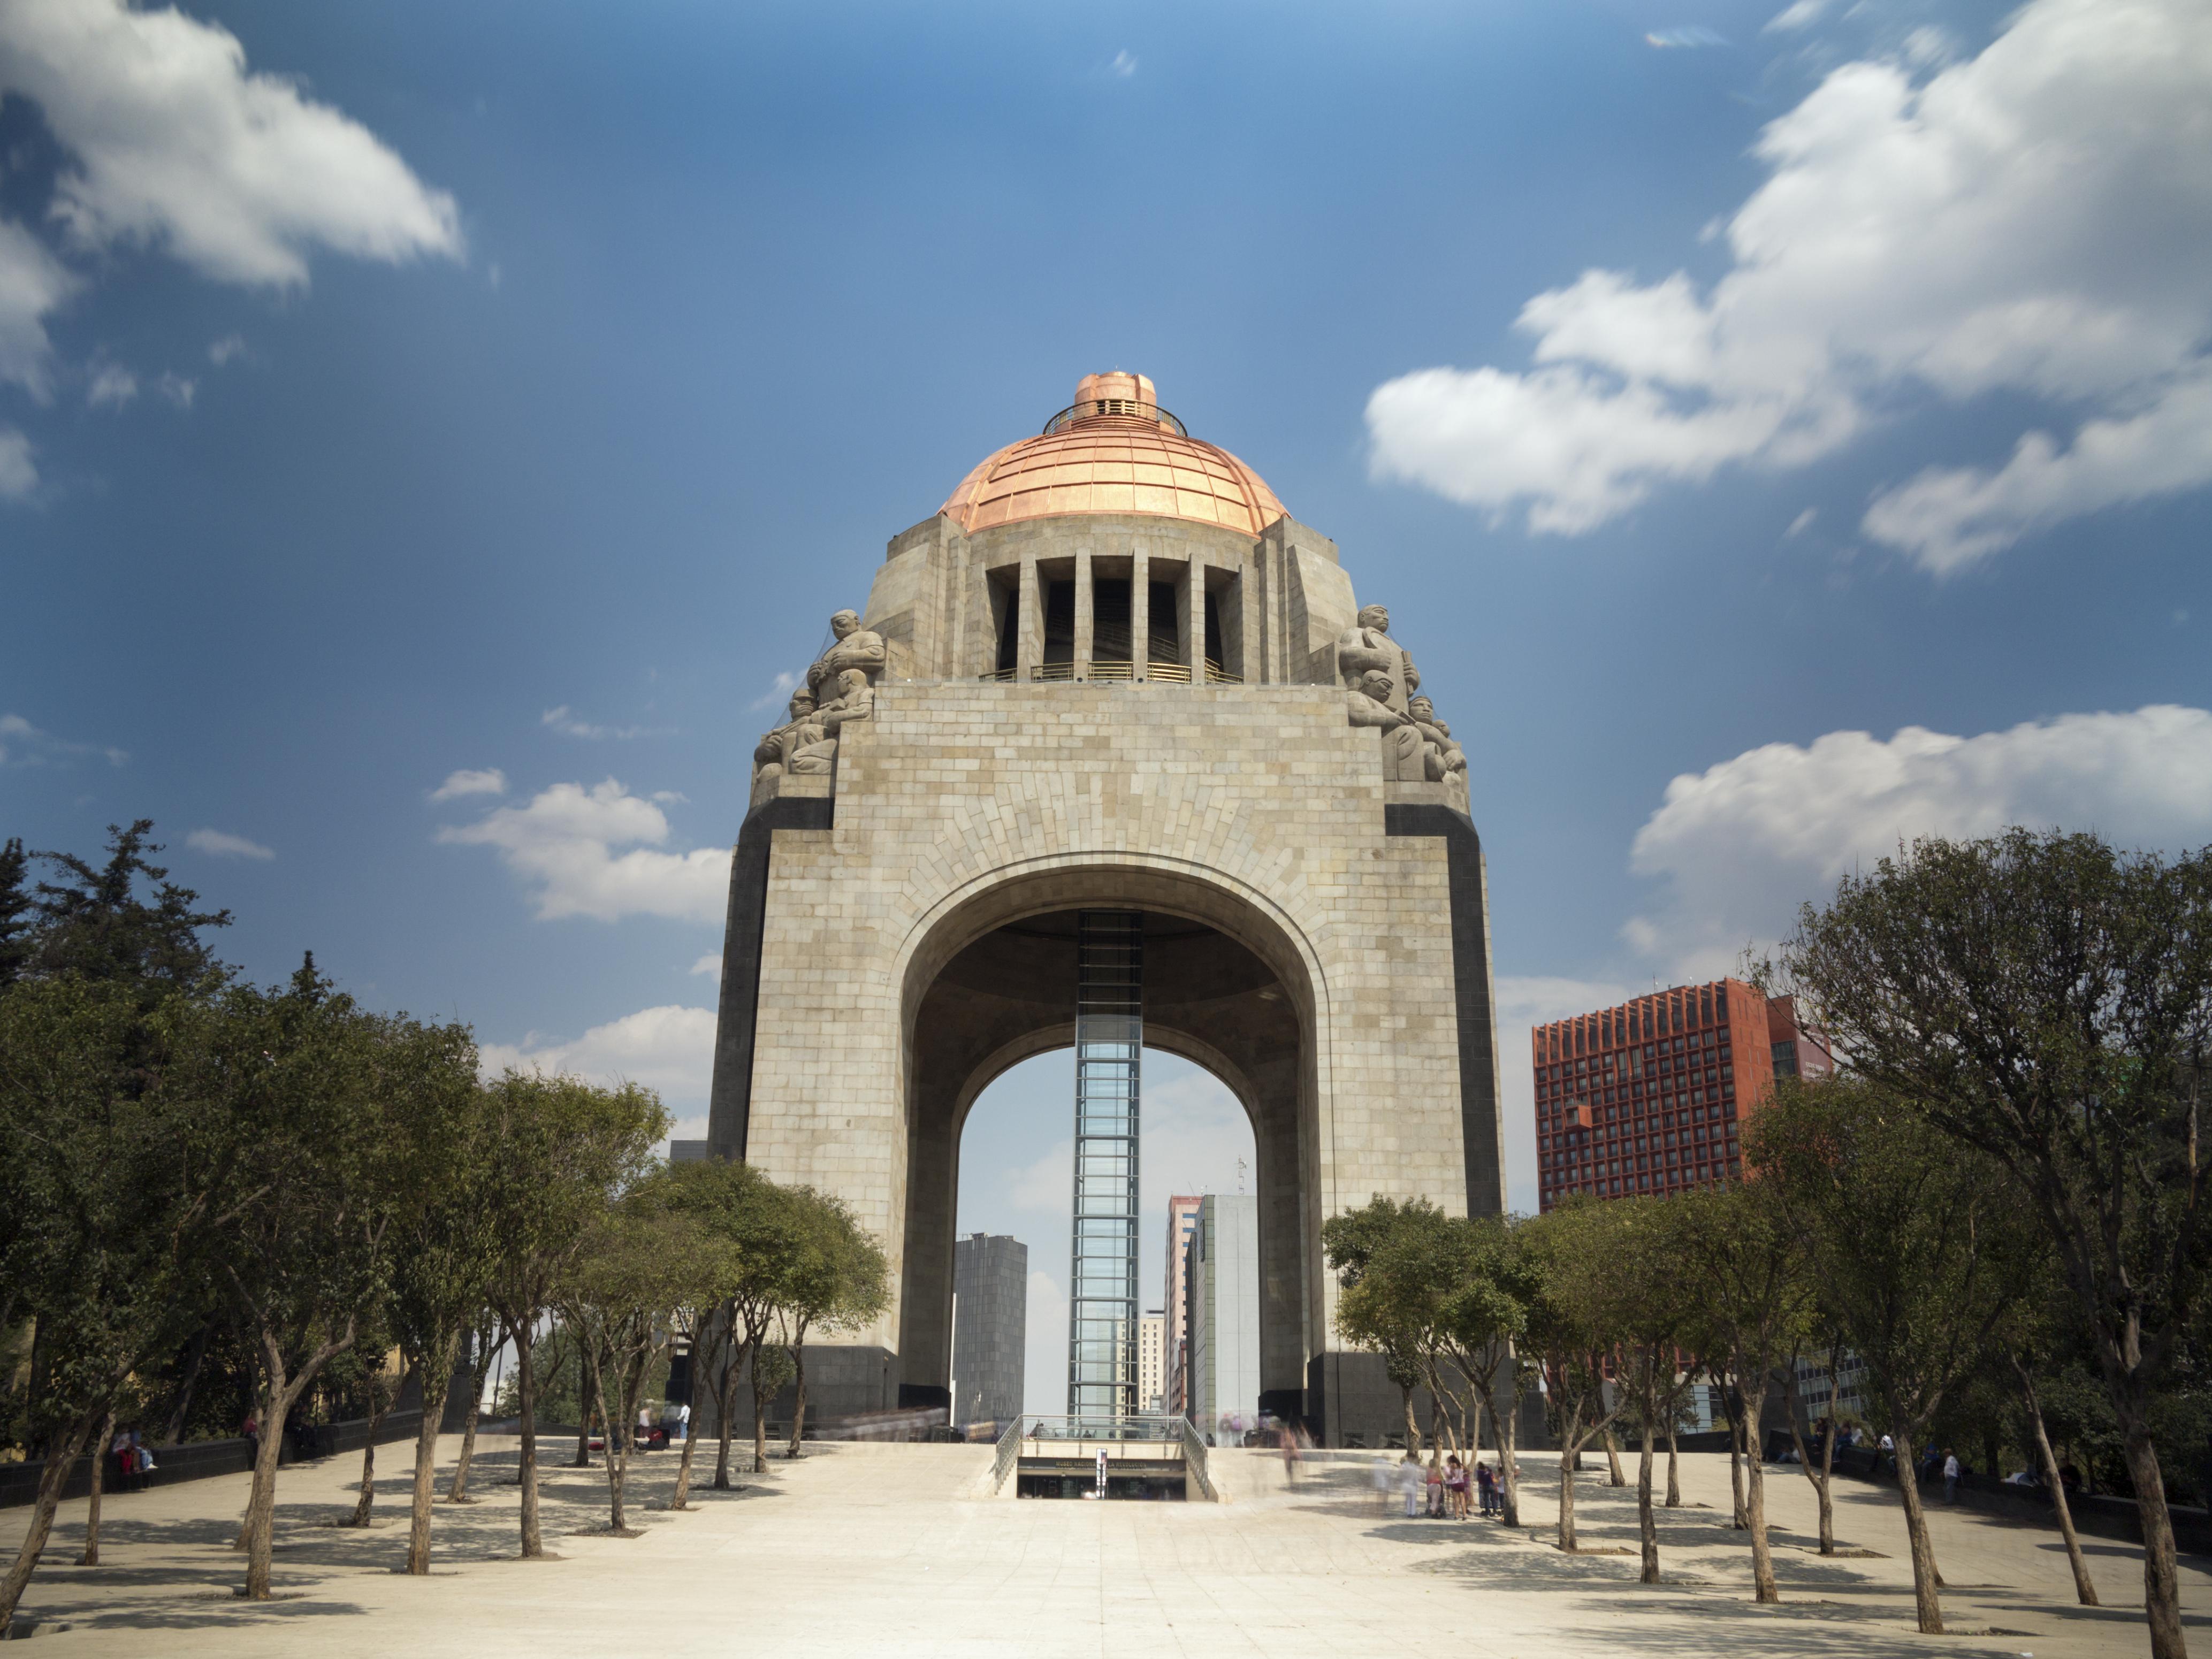 Monumento A La Revoluci 243 N Mexico City Mexico